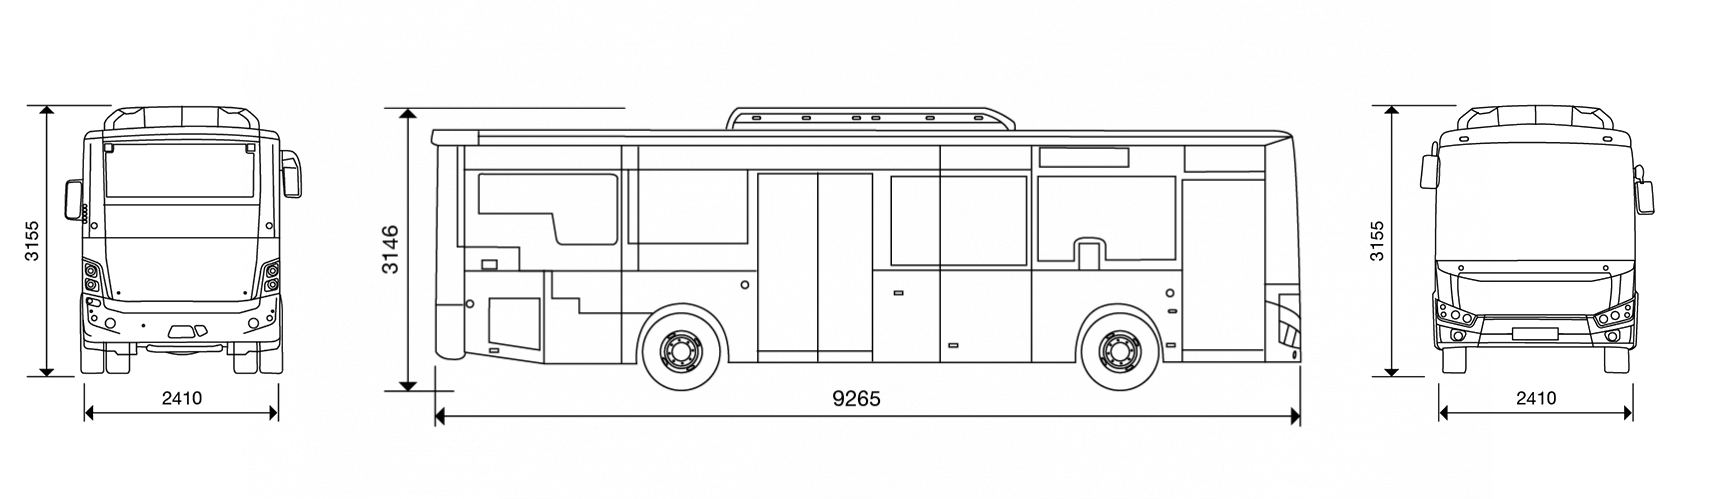 vectio_c_9.3_tech